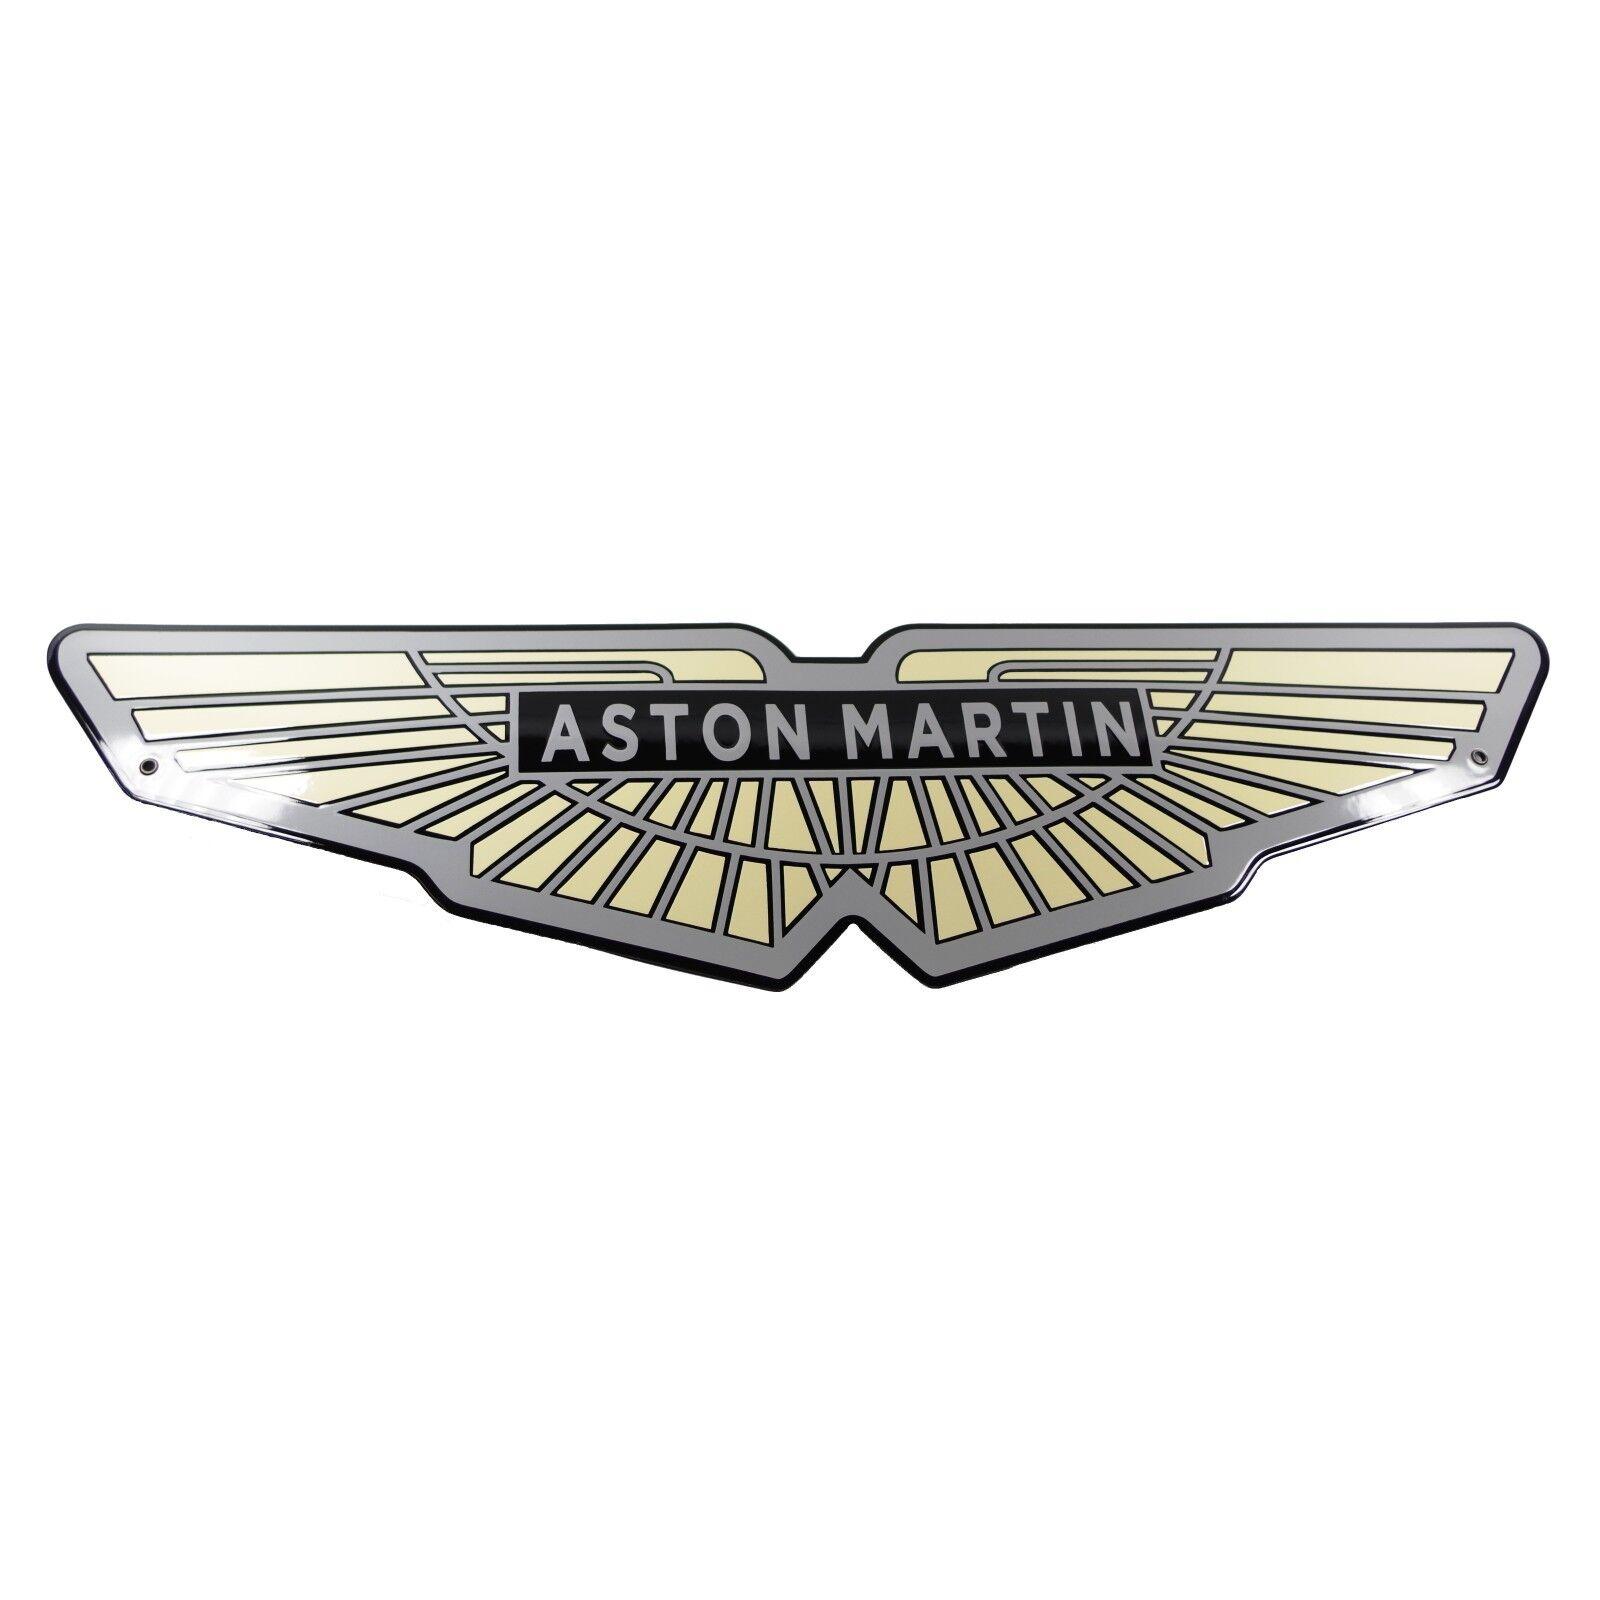 Enamel Plaque Aston Martin 21x80cm Warranty 10 Years Emblem Sign Logo Plate Colorcard De